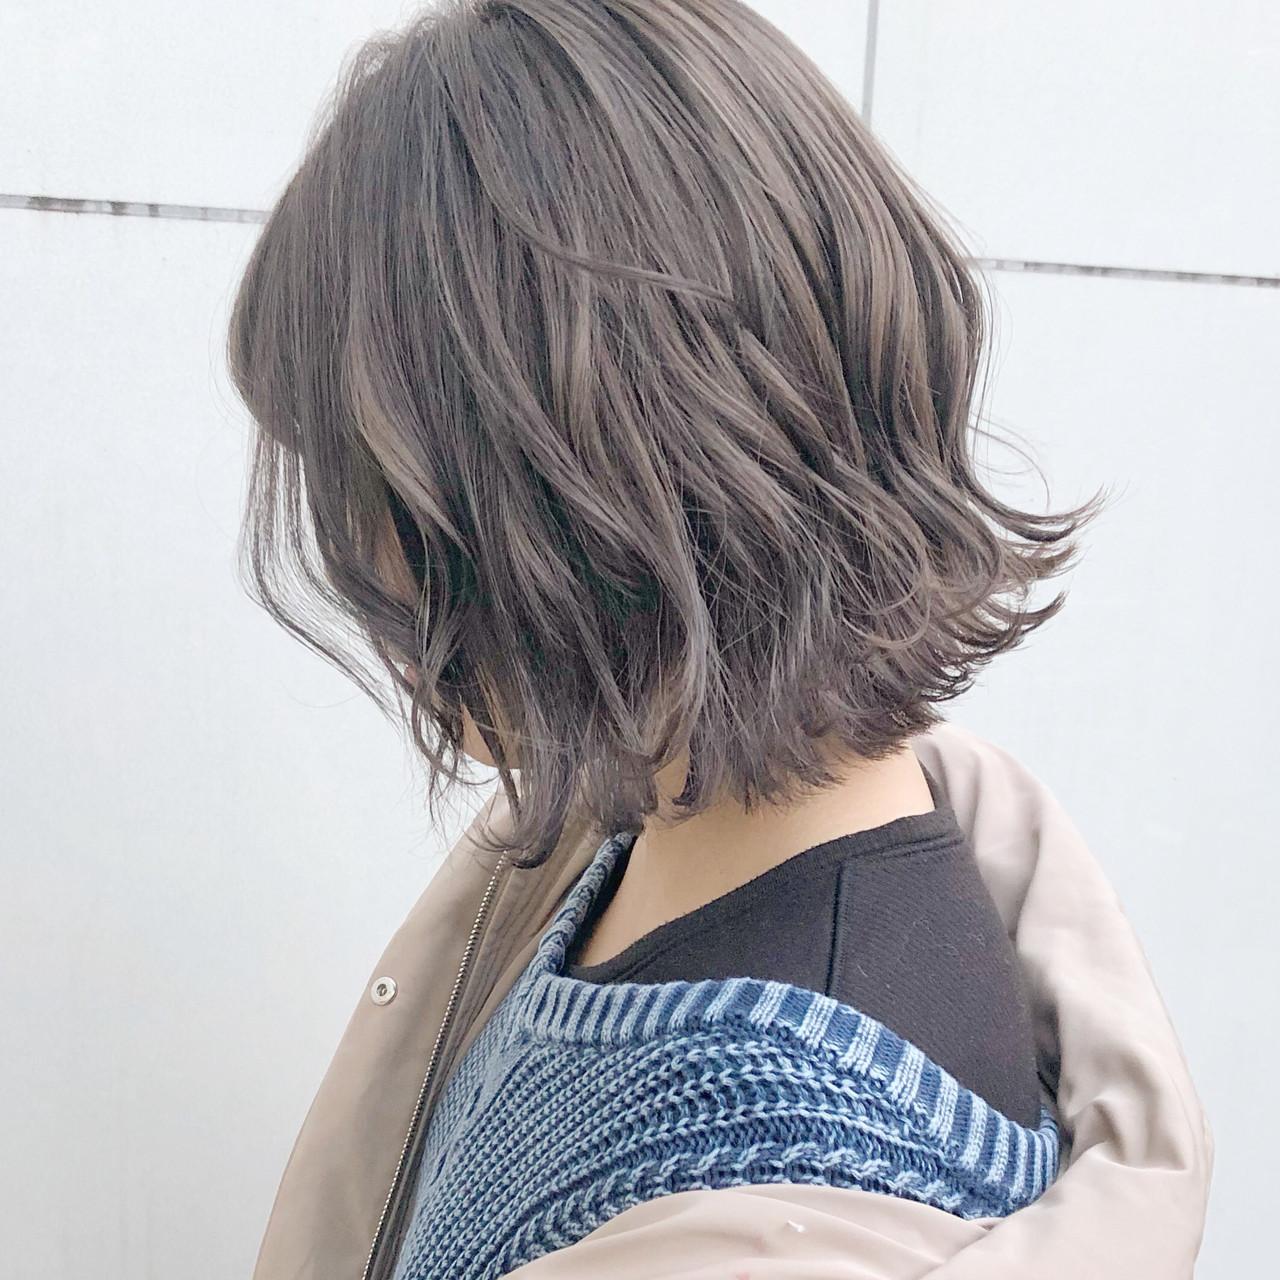 デート 切りっぱなし ヘアアレンジ 大人かわいい ヘアスタイルや髪型の写真・画像 | 『ボブ美容師』永田邦彦 表参道 / send by HAIR